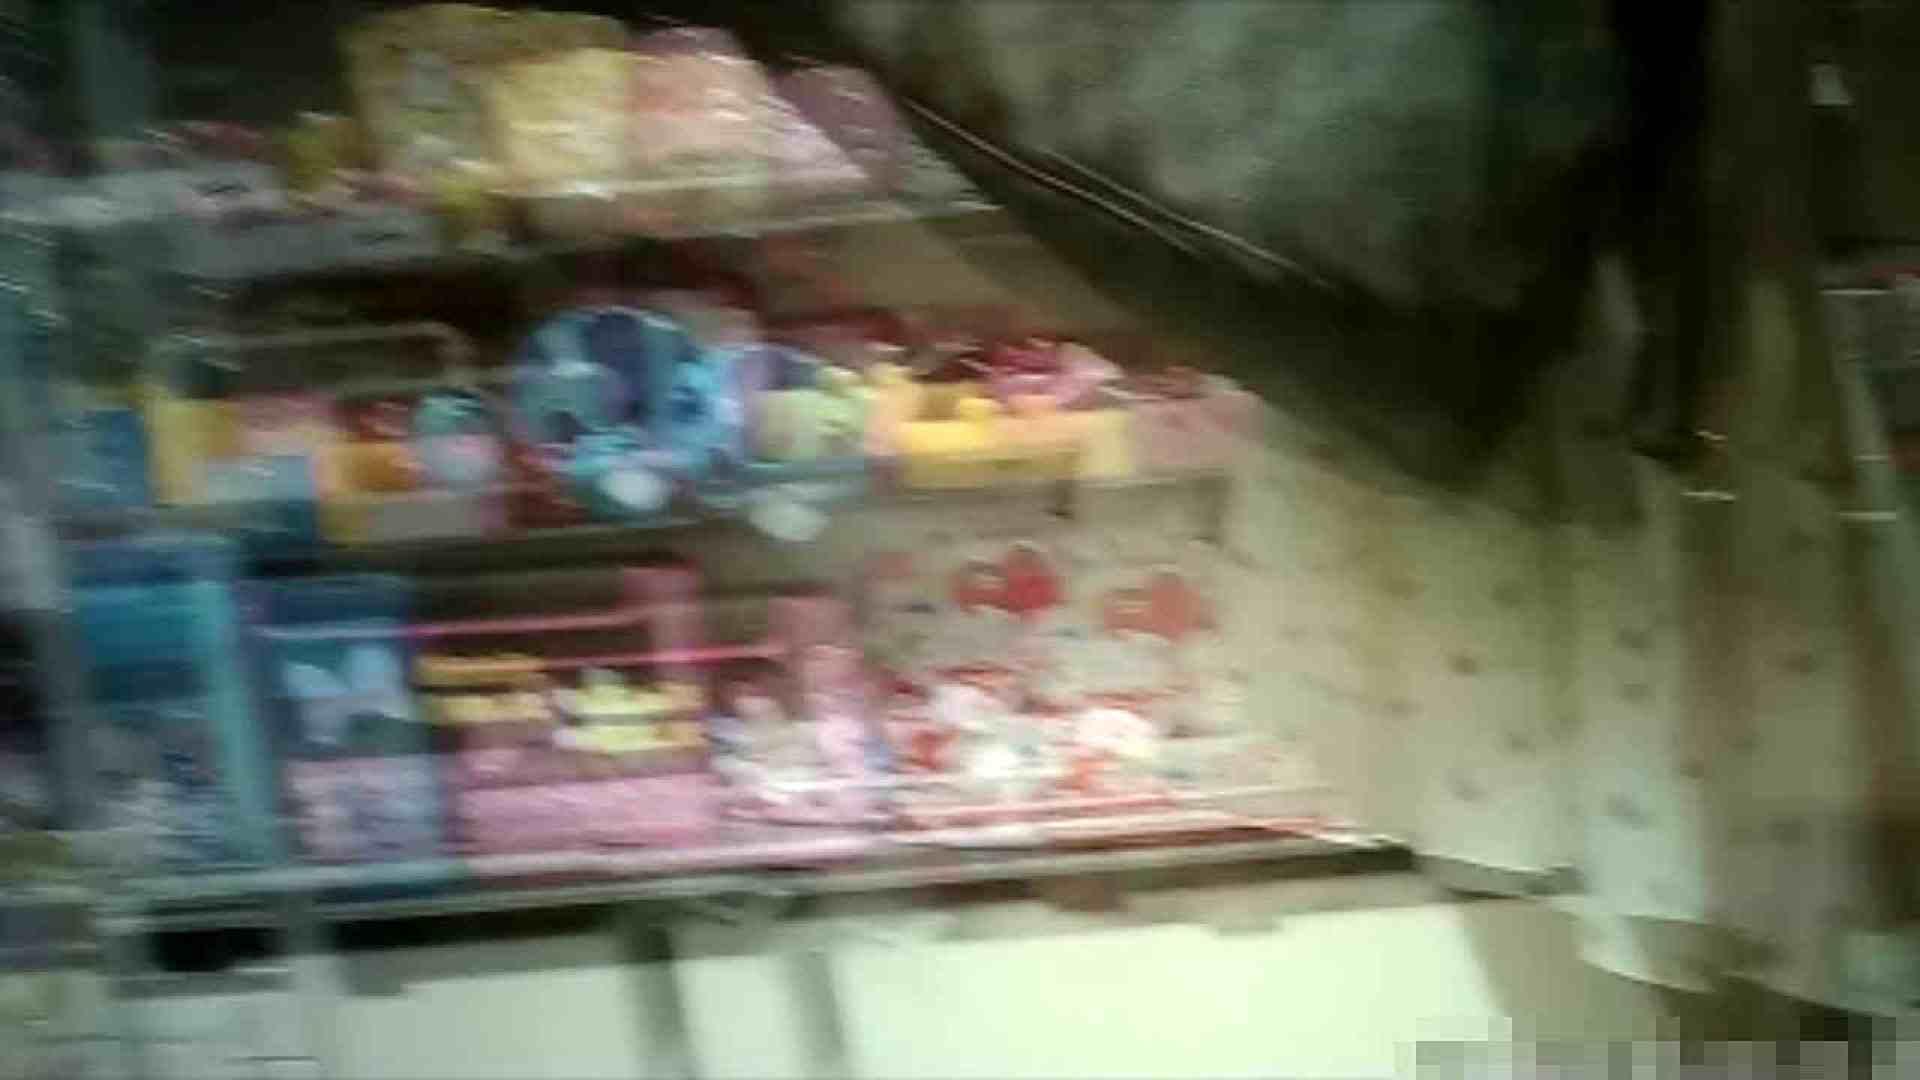 NO.5 意外に豊満な胸の雑貨屋で物色中のお女市さん 胸チラ  66PIX 14